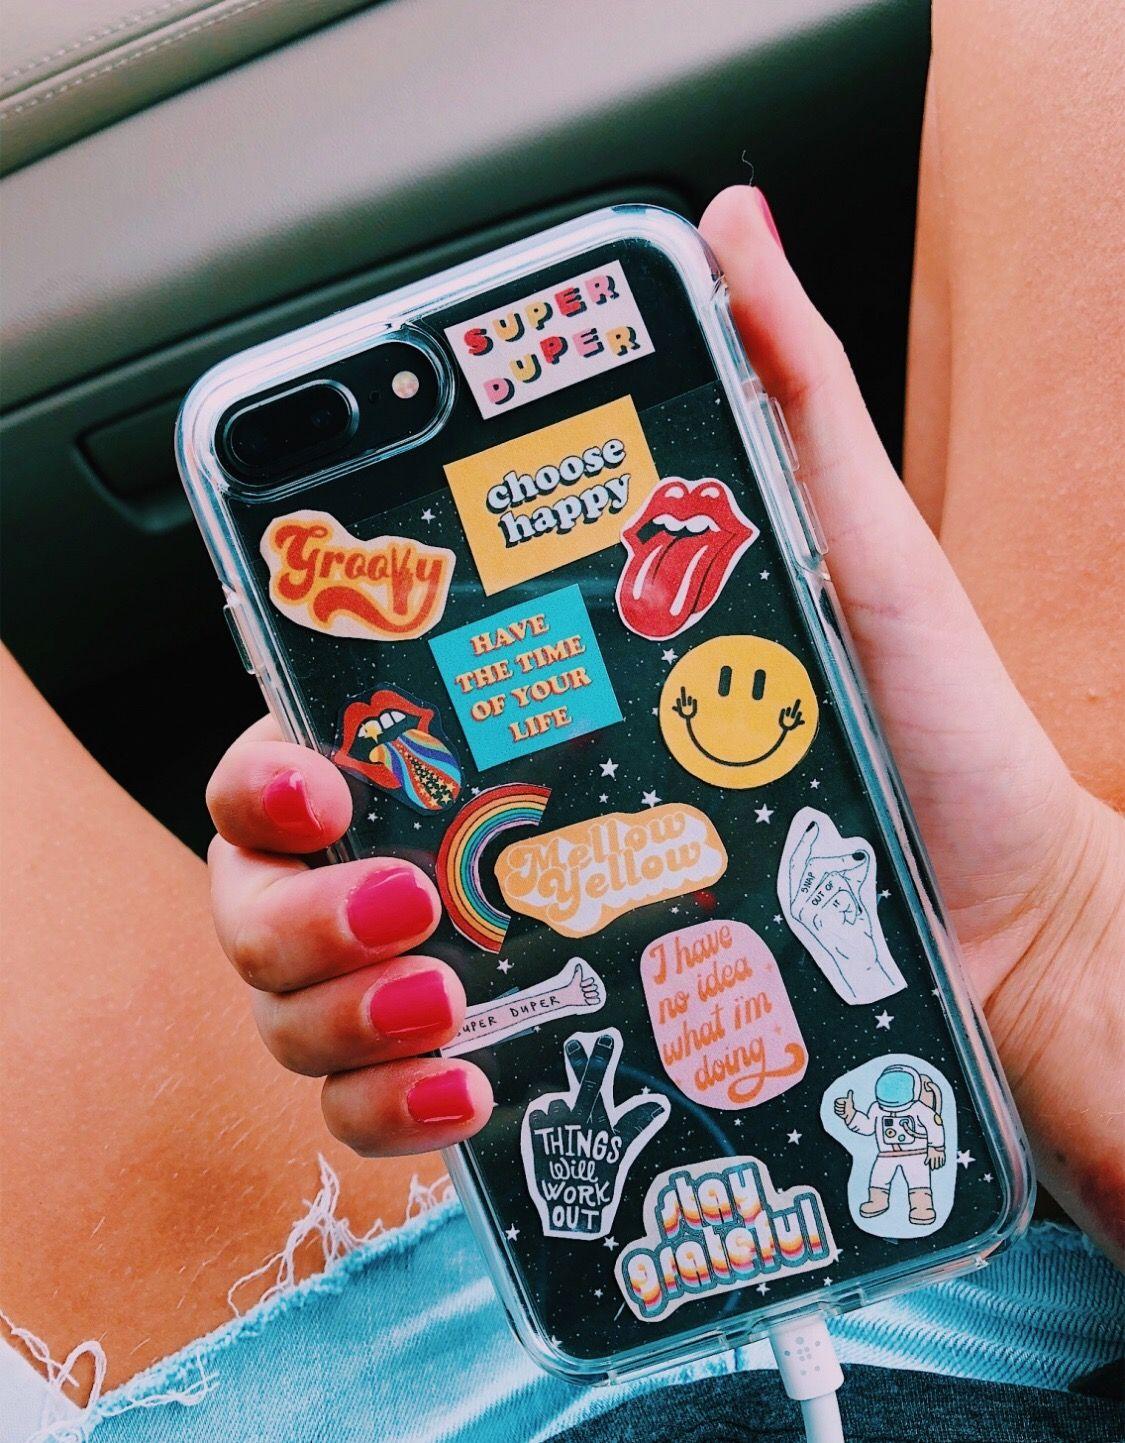 Pinterest Carolinefaith417 With Images Tumblr Phone Case